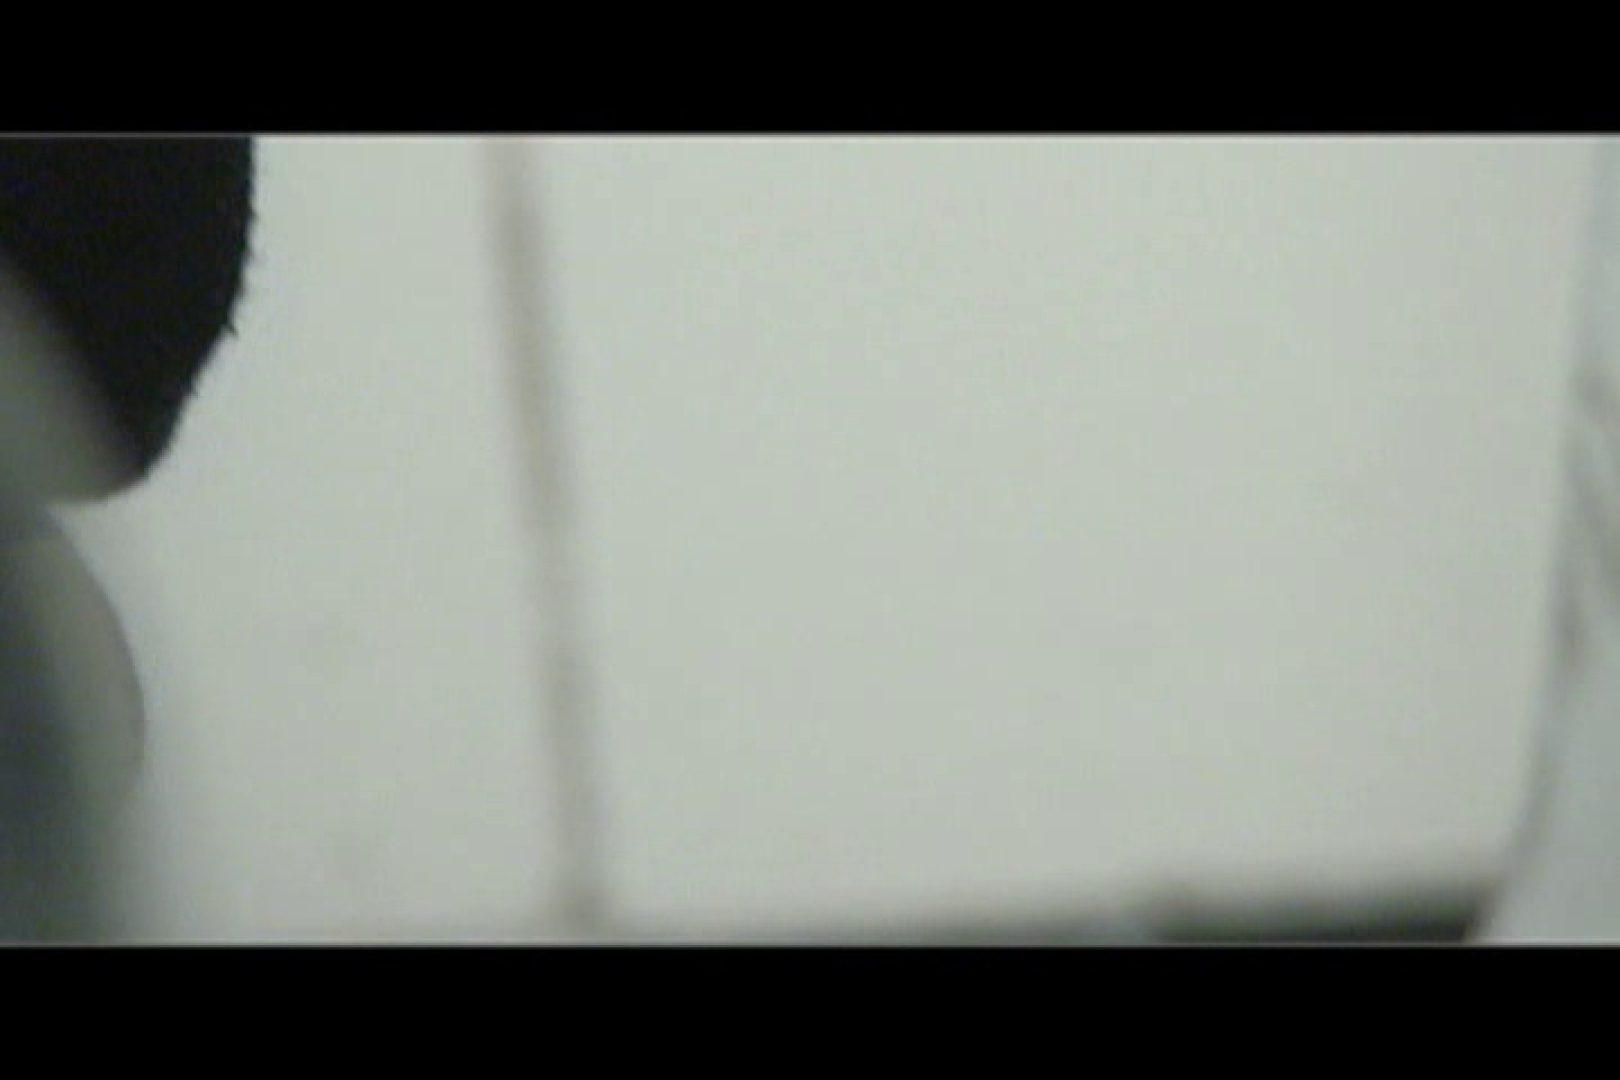 マンコ丸見え女子洗面所Vol.8 肛門丸見え 覗きおまんこ画像 98pic 67